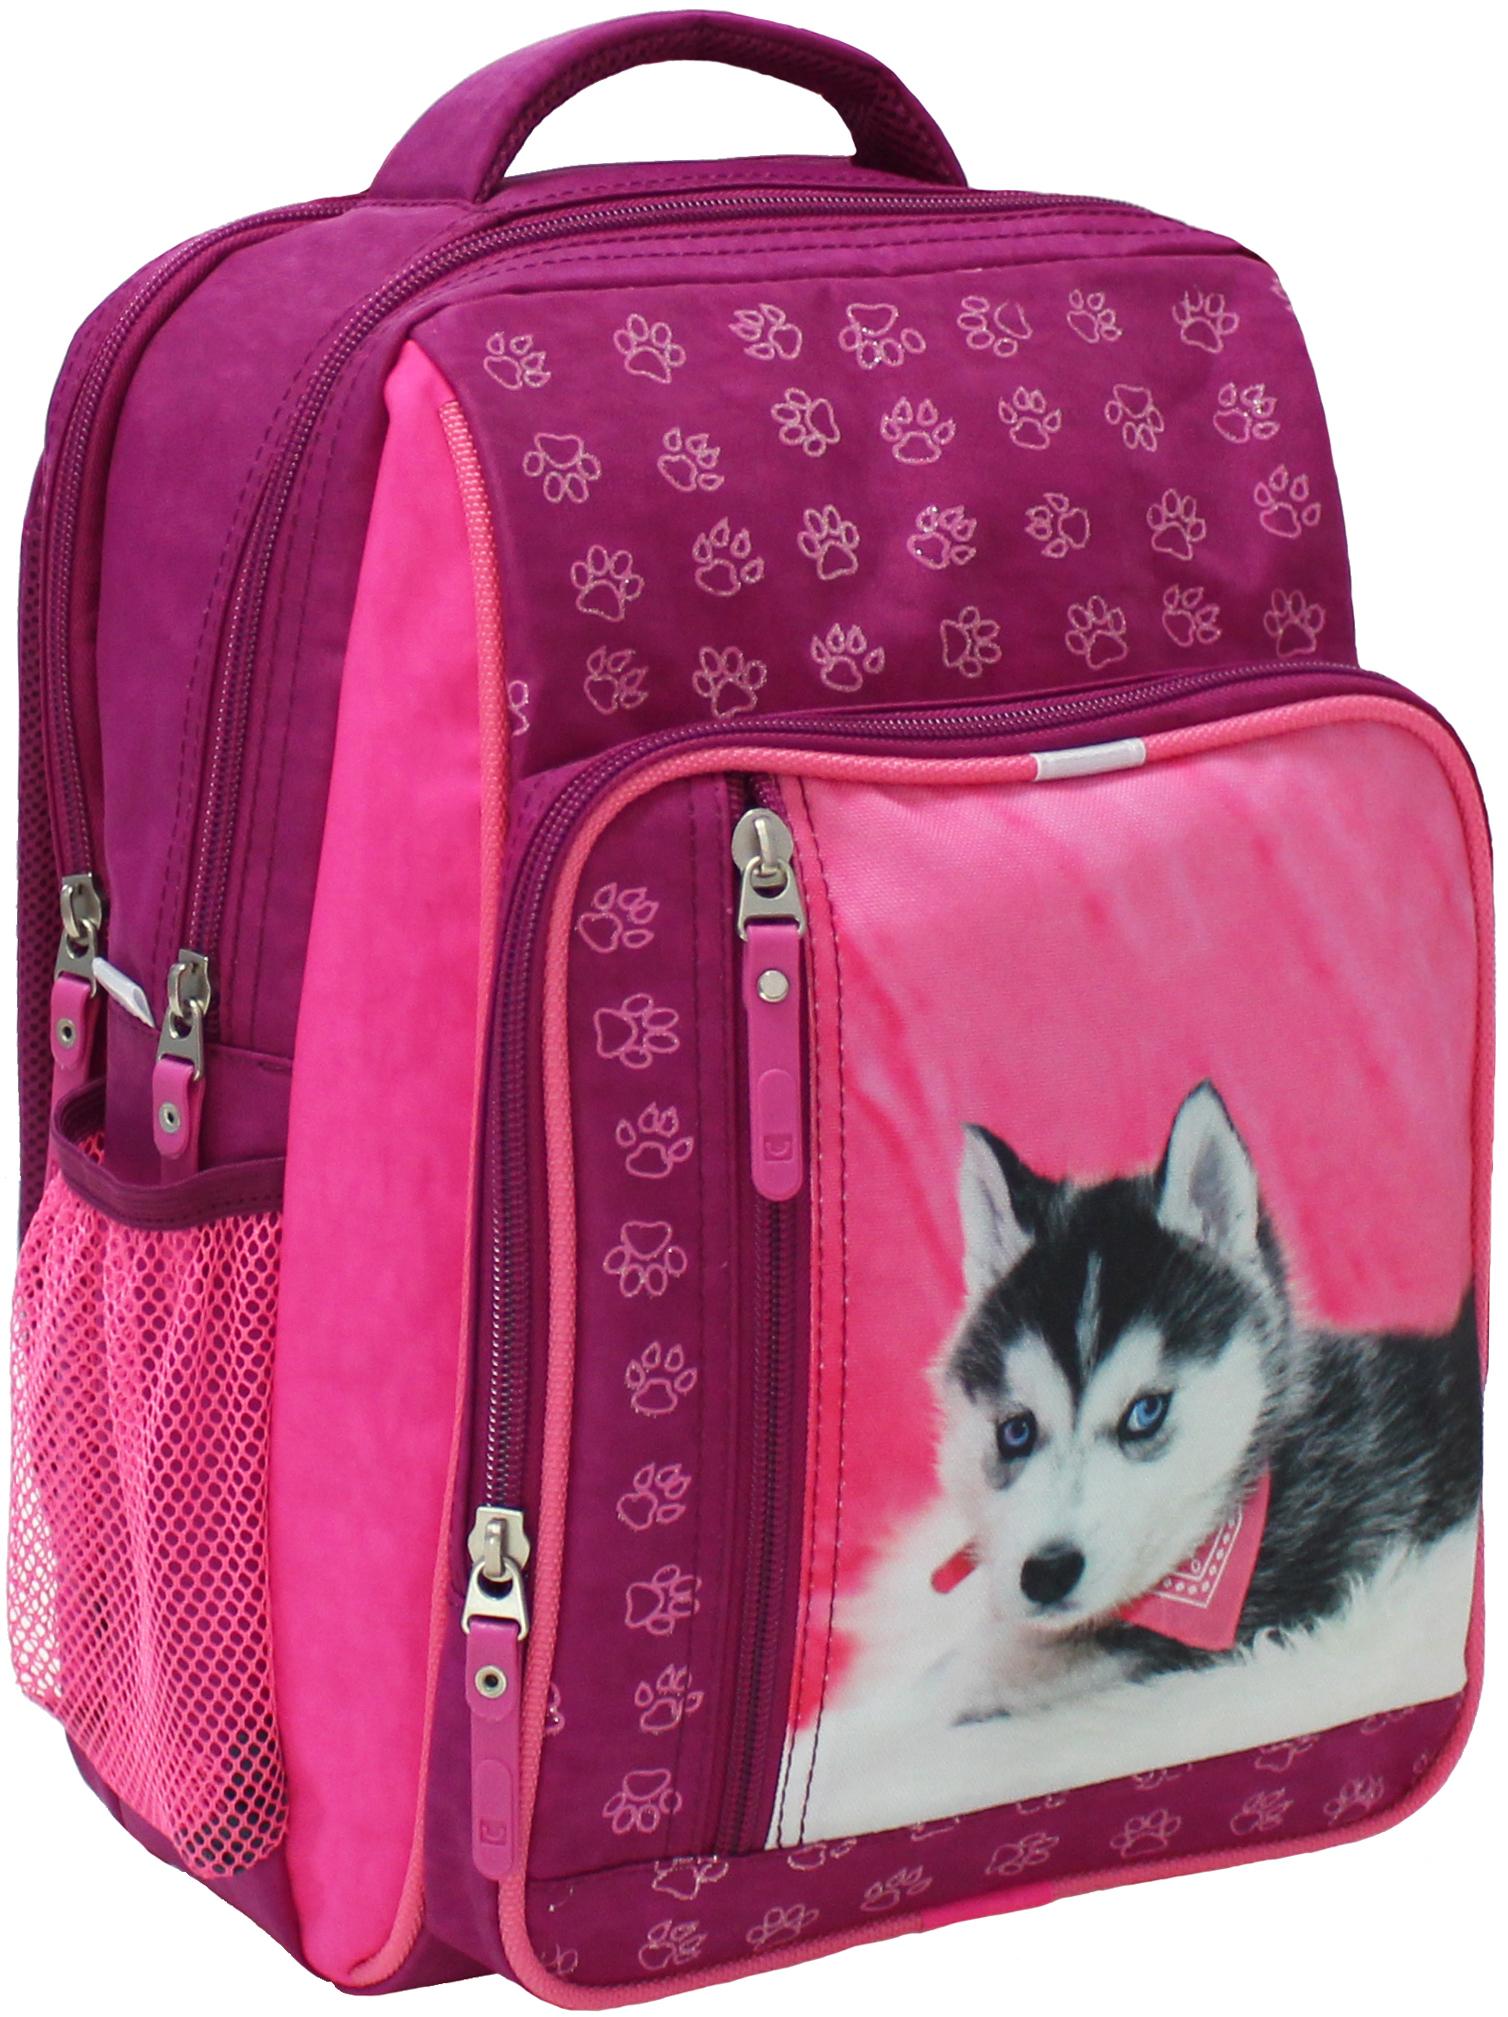 Школьные рюкзаки Рюкзак школьный Bagland Школьник 8 л. 143 малина 141 д (00112702) IMG_5303.JPG